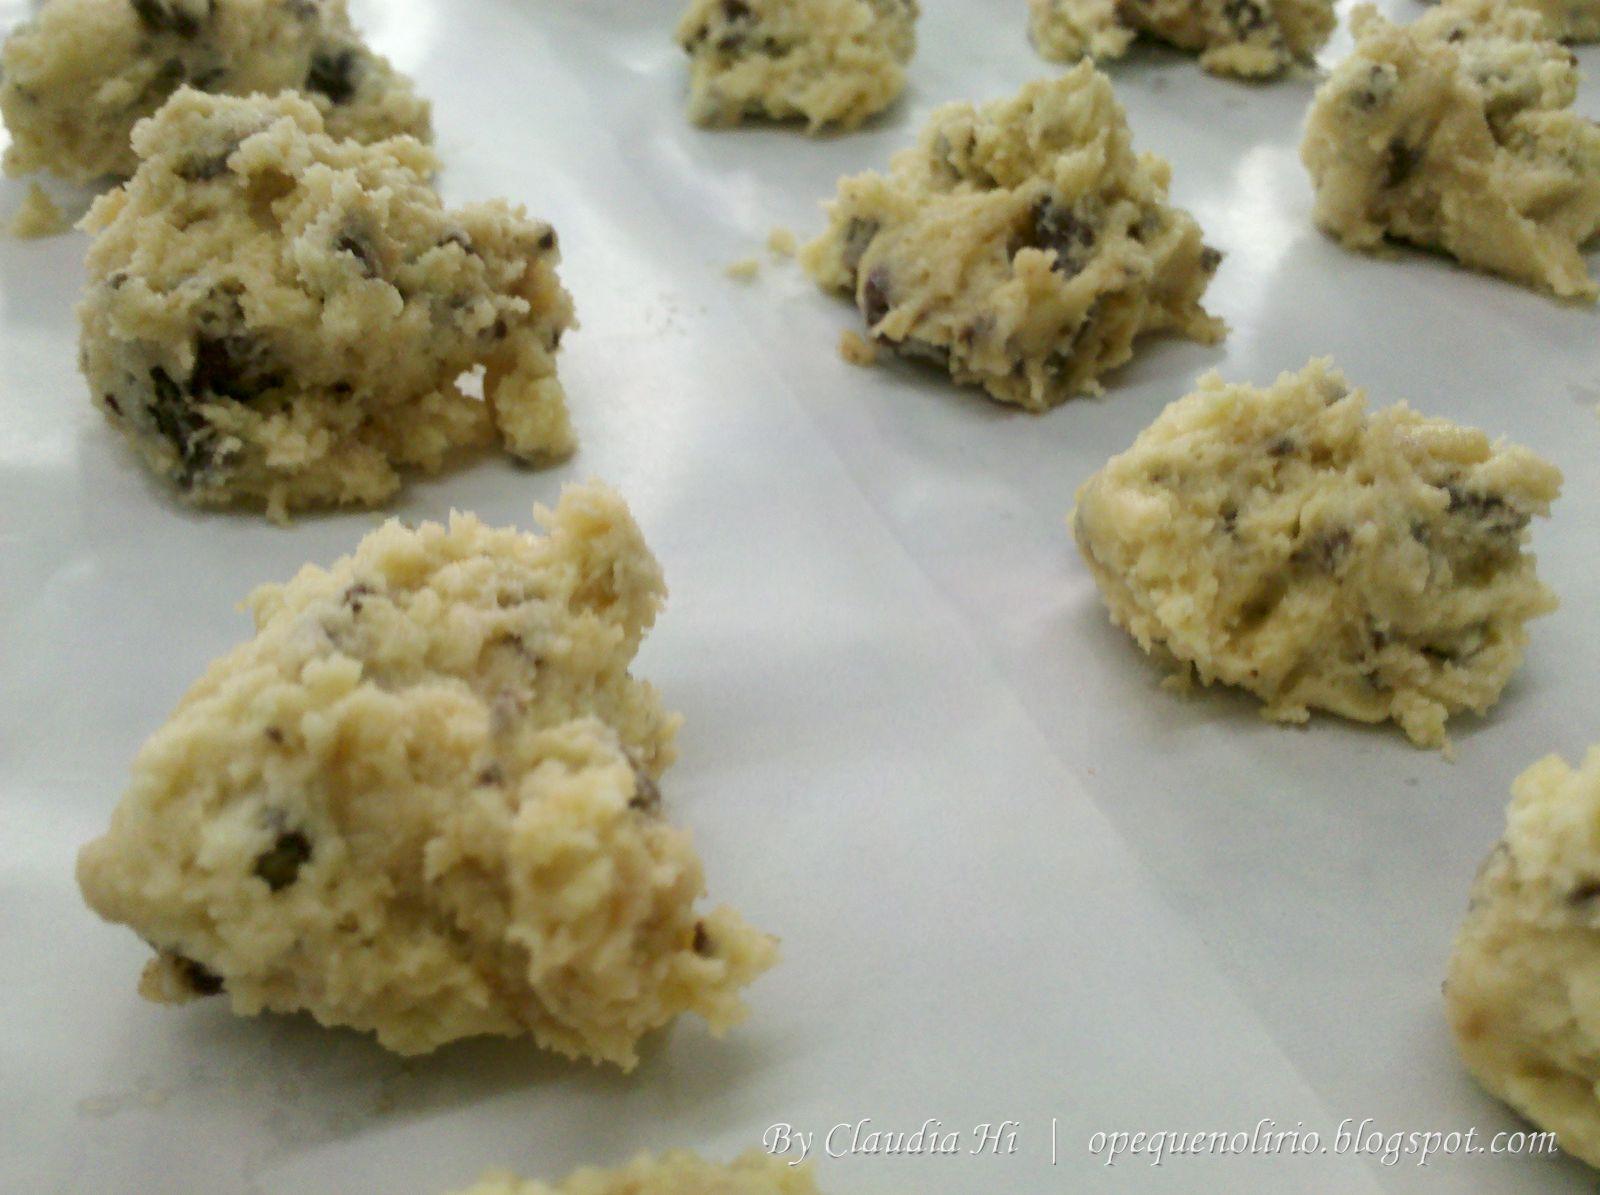 Receita de Cookies com Gotas de Chocolate fácil